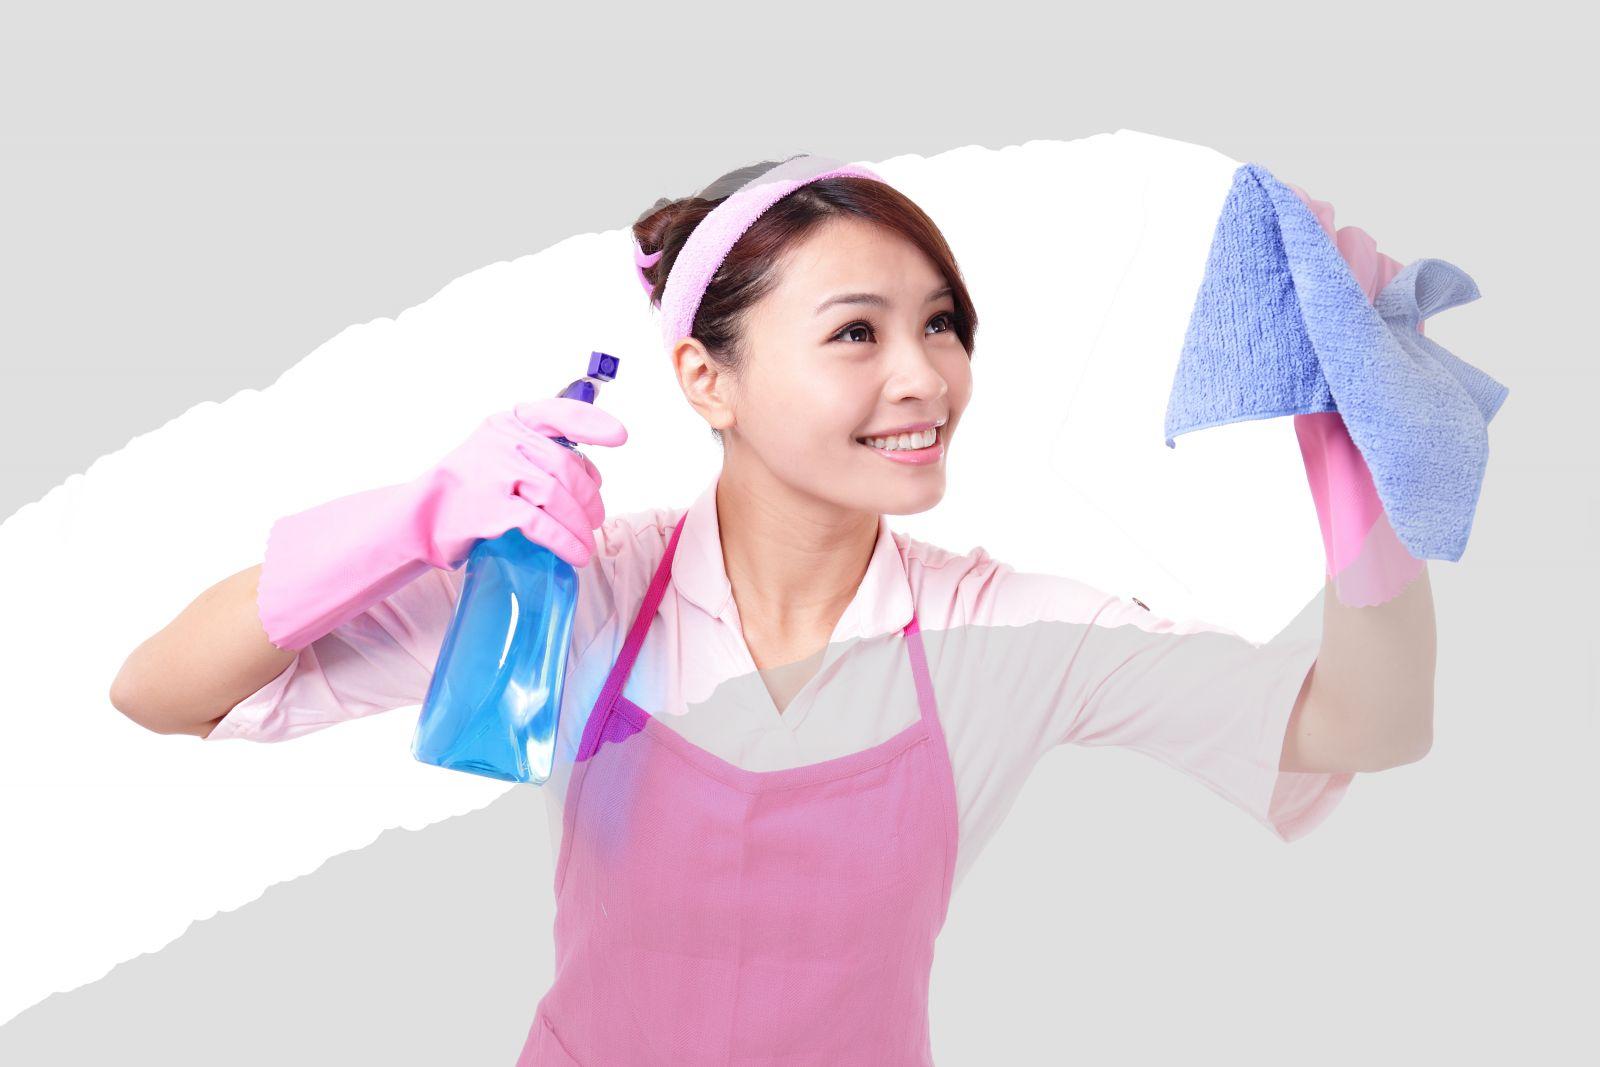 Tuyển 20 nữ đơn hàng quản lí, dọn dẹp chung cư  tại Tokyo - Nhật Bản